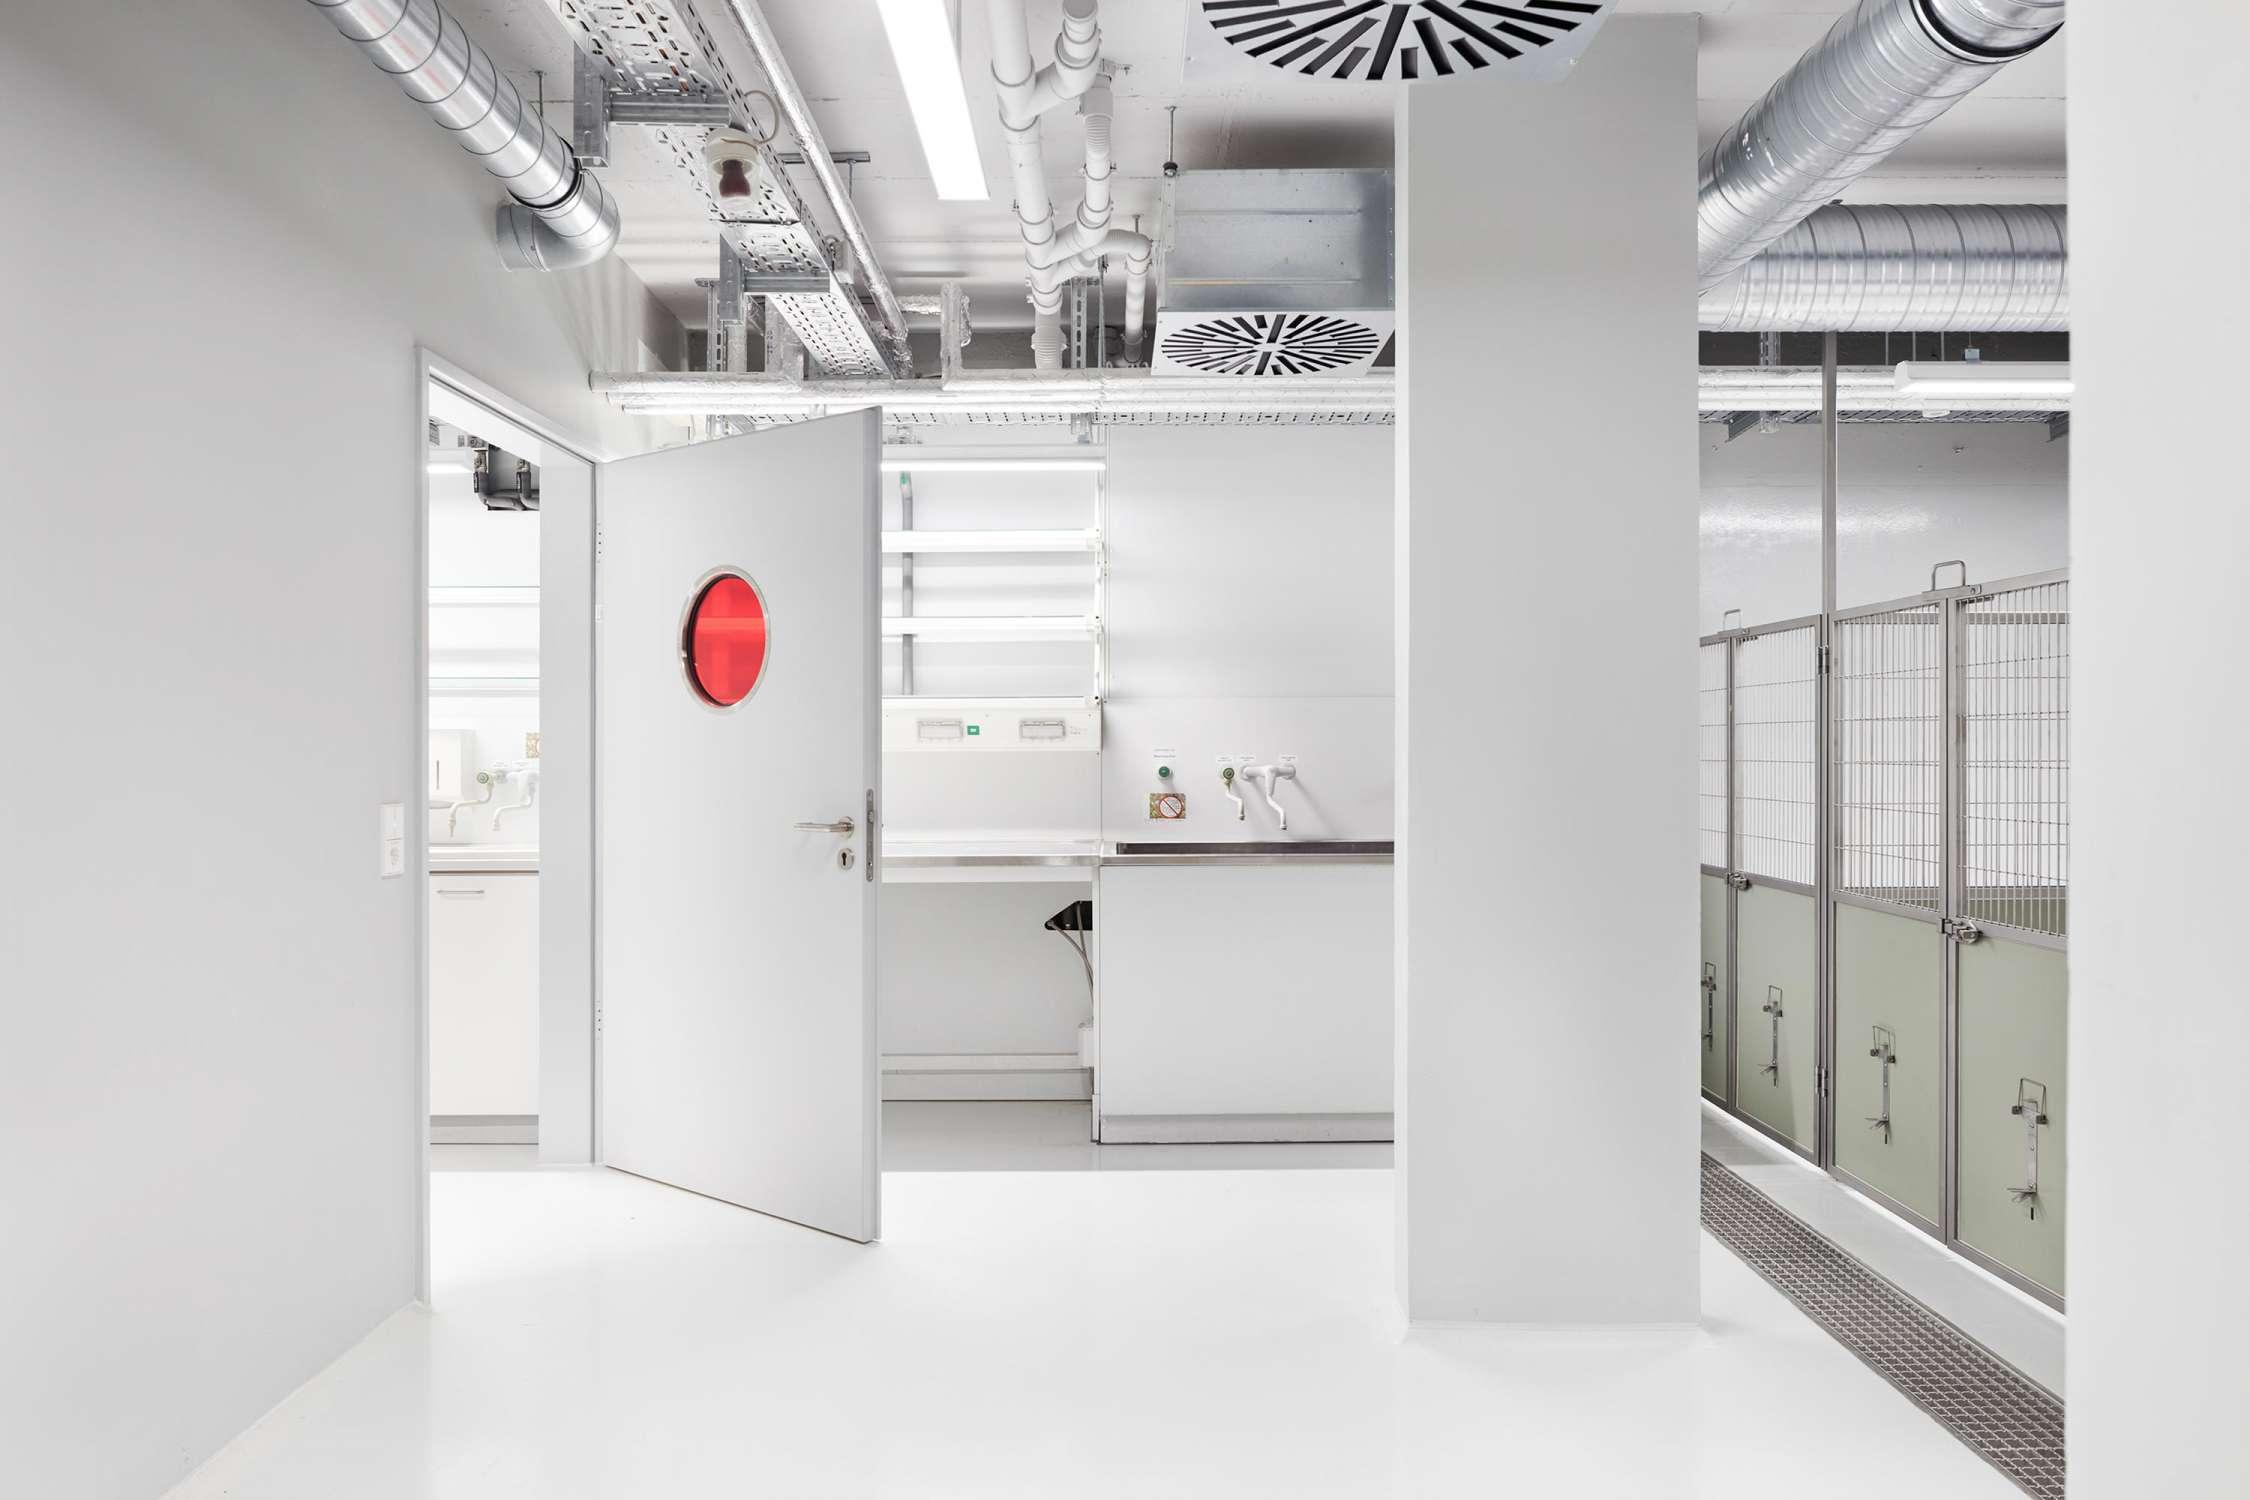 Forschungsflächen im Friedrich-Miescher-Laboratorium (6)